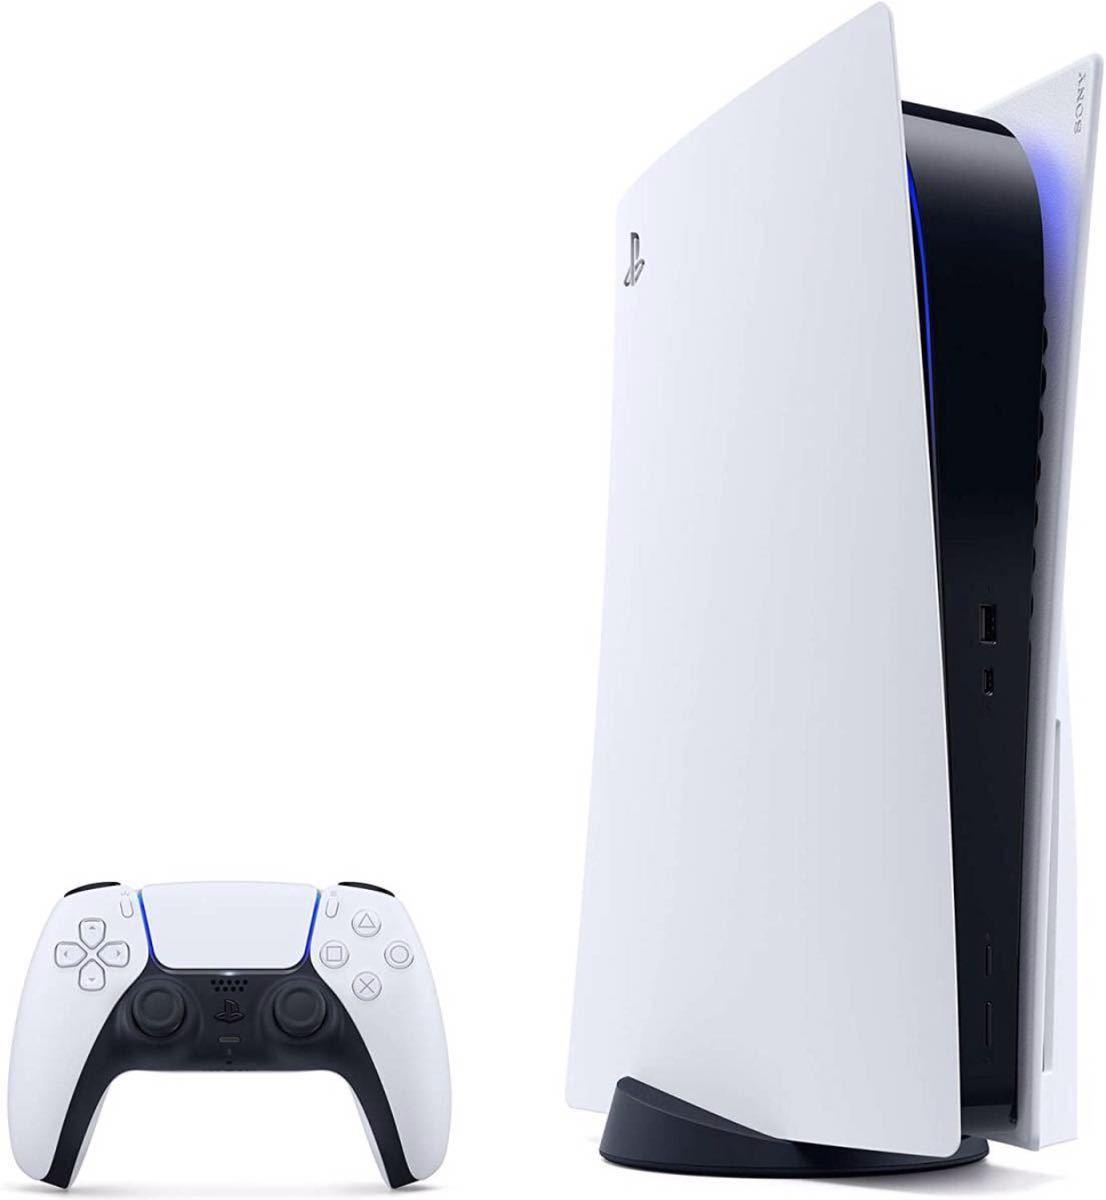 【新品 未開封】日本製 PS5 PlayStation5 本体 (CFI-1000A0)ディスクドライブ搭載モデル SONY ソニー 24時間以内に発送